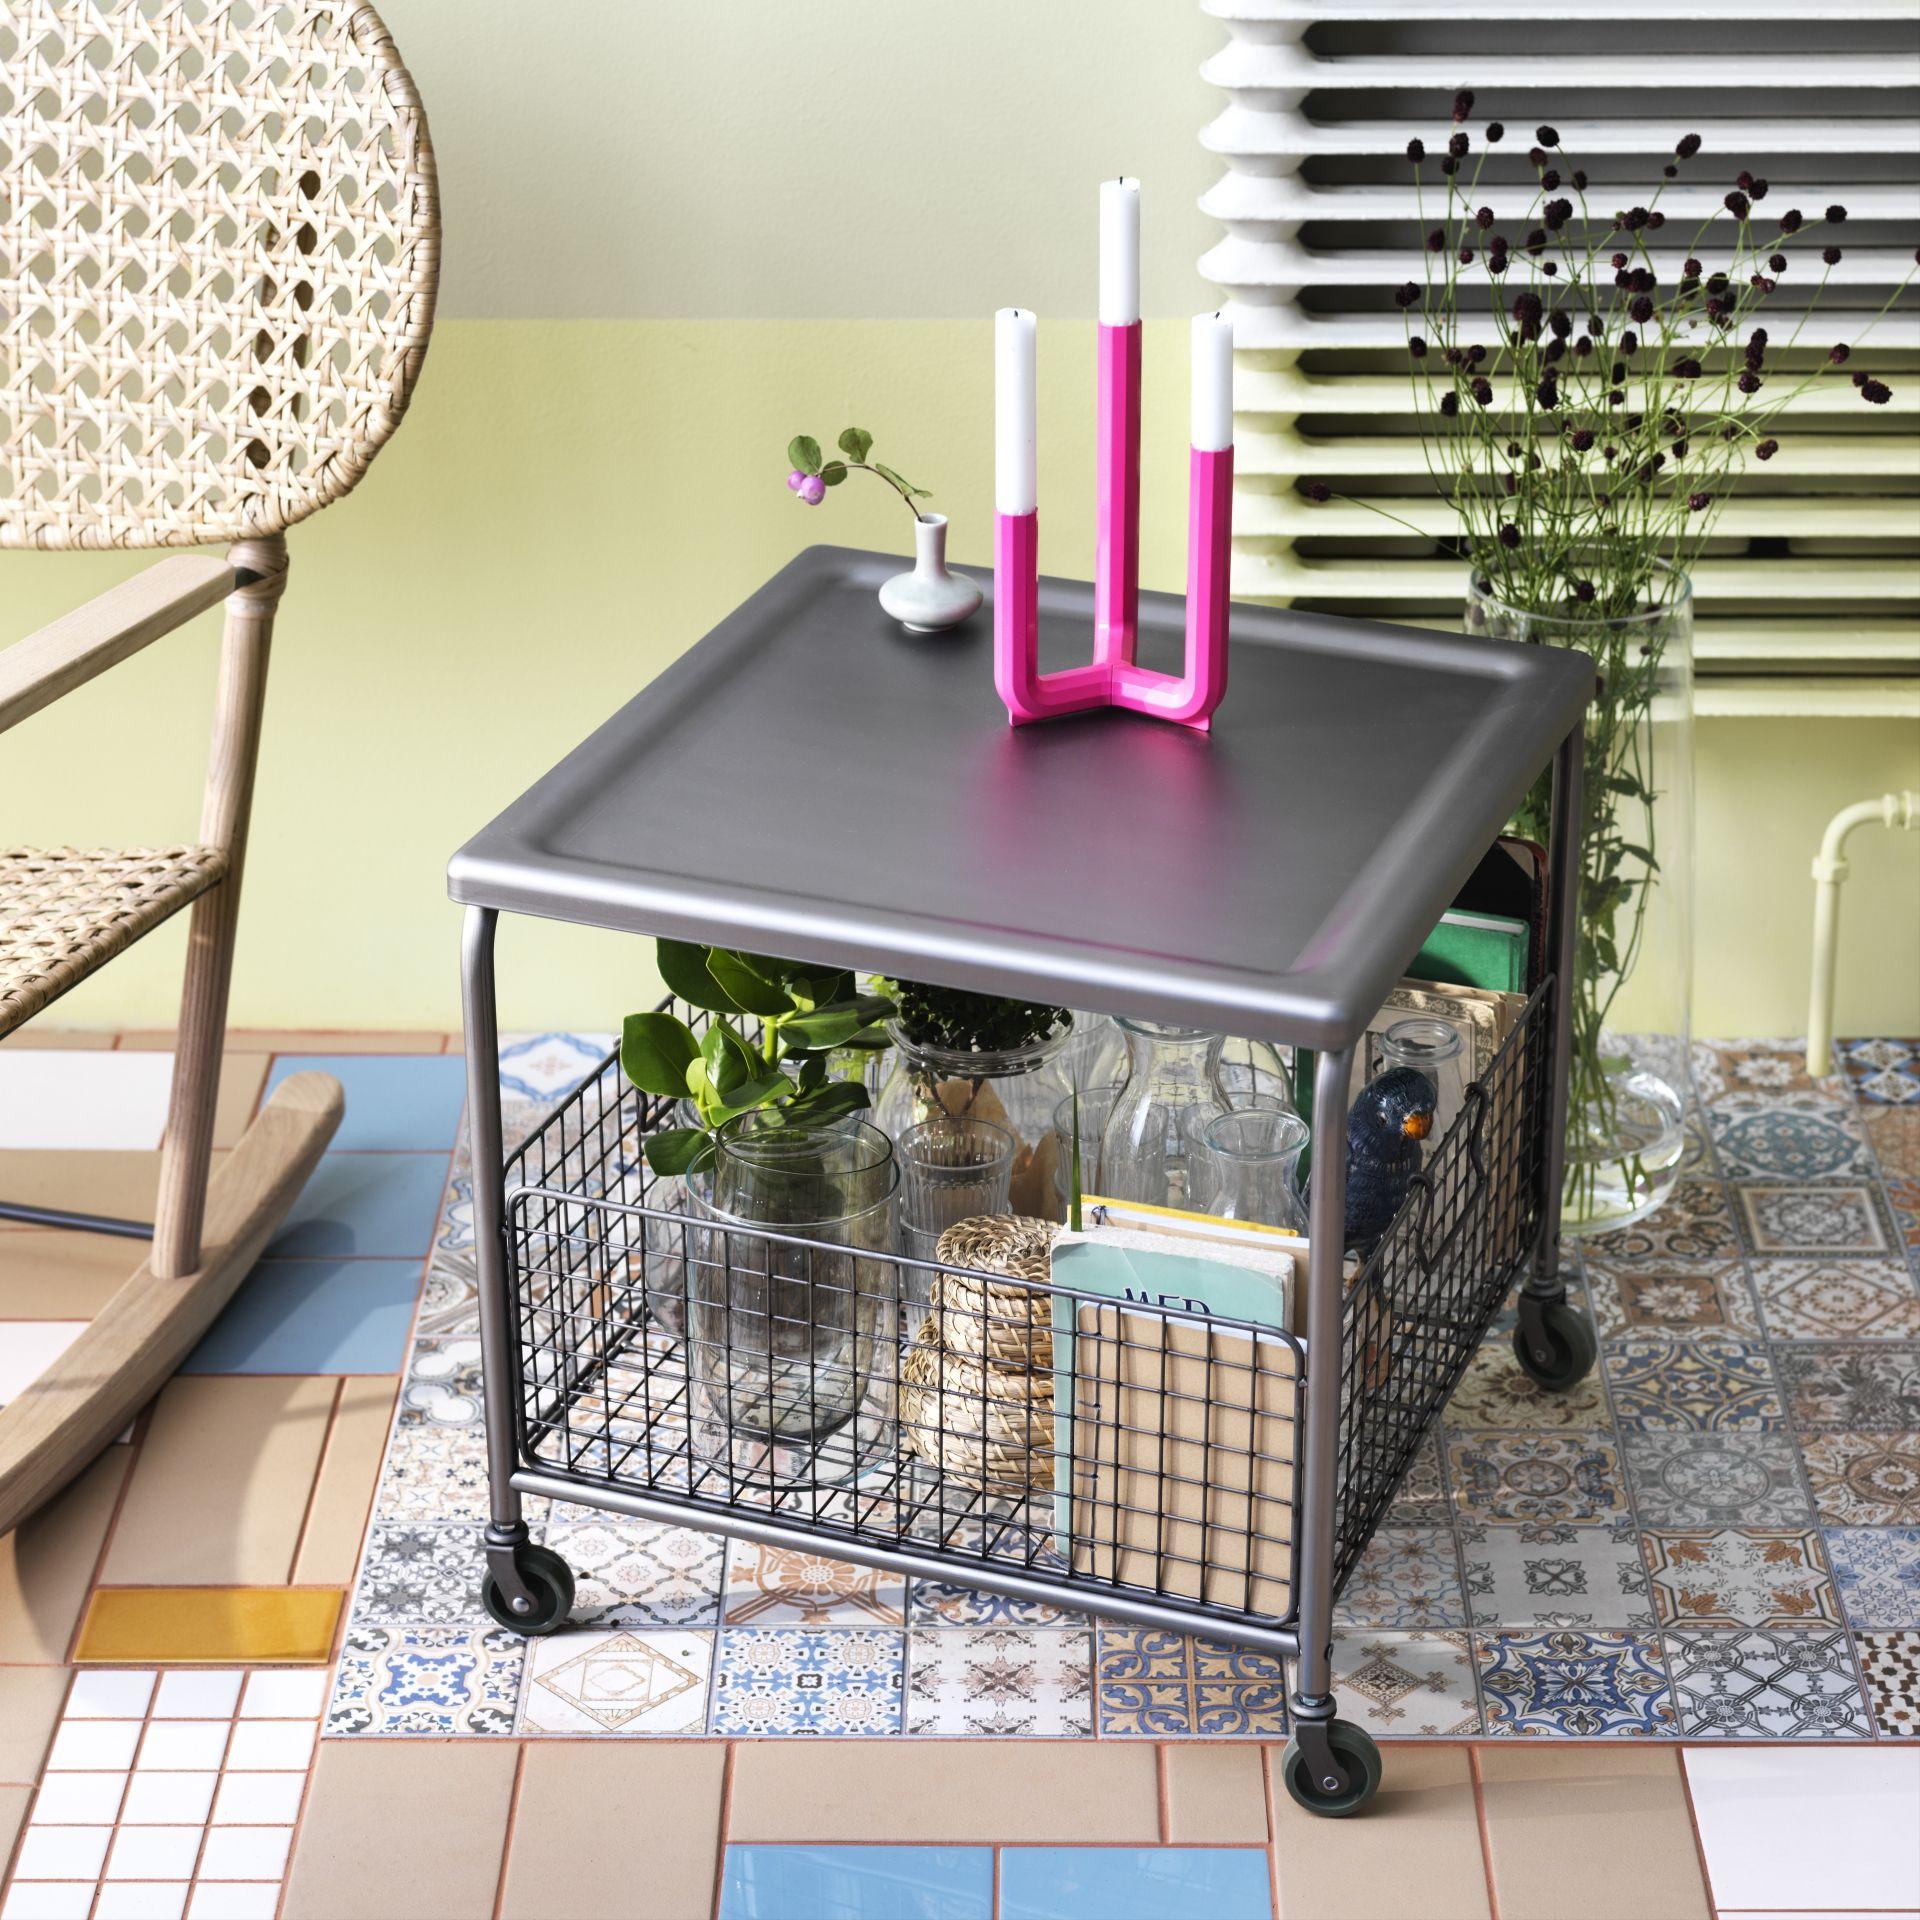 free lallerd salontafel ikea ikeanl inspiratie interieur decoratie accessoires nieuw woonkamer industrieel trend with moderne decoratie sneak preview